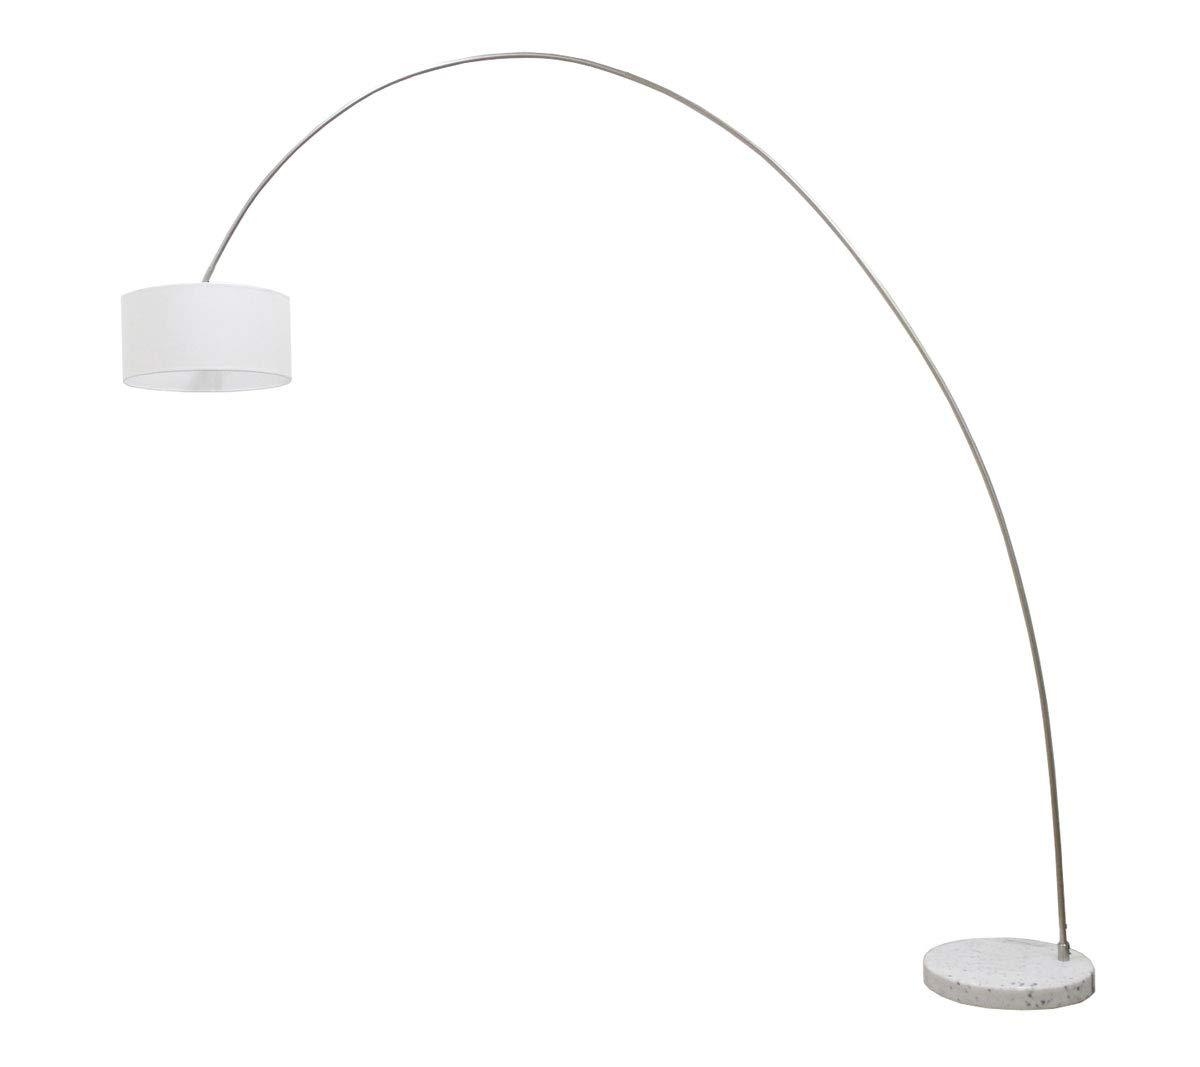 Bogenleuchte Elegant Arc Weiß, Ausladung 220cm, Höhe 220cm, 10455 10455 10455 4f6cae